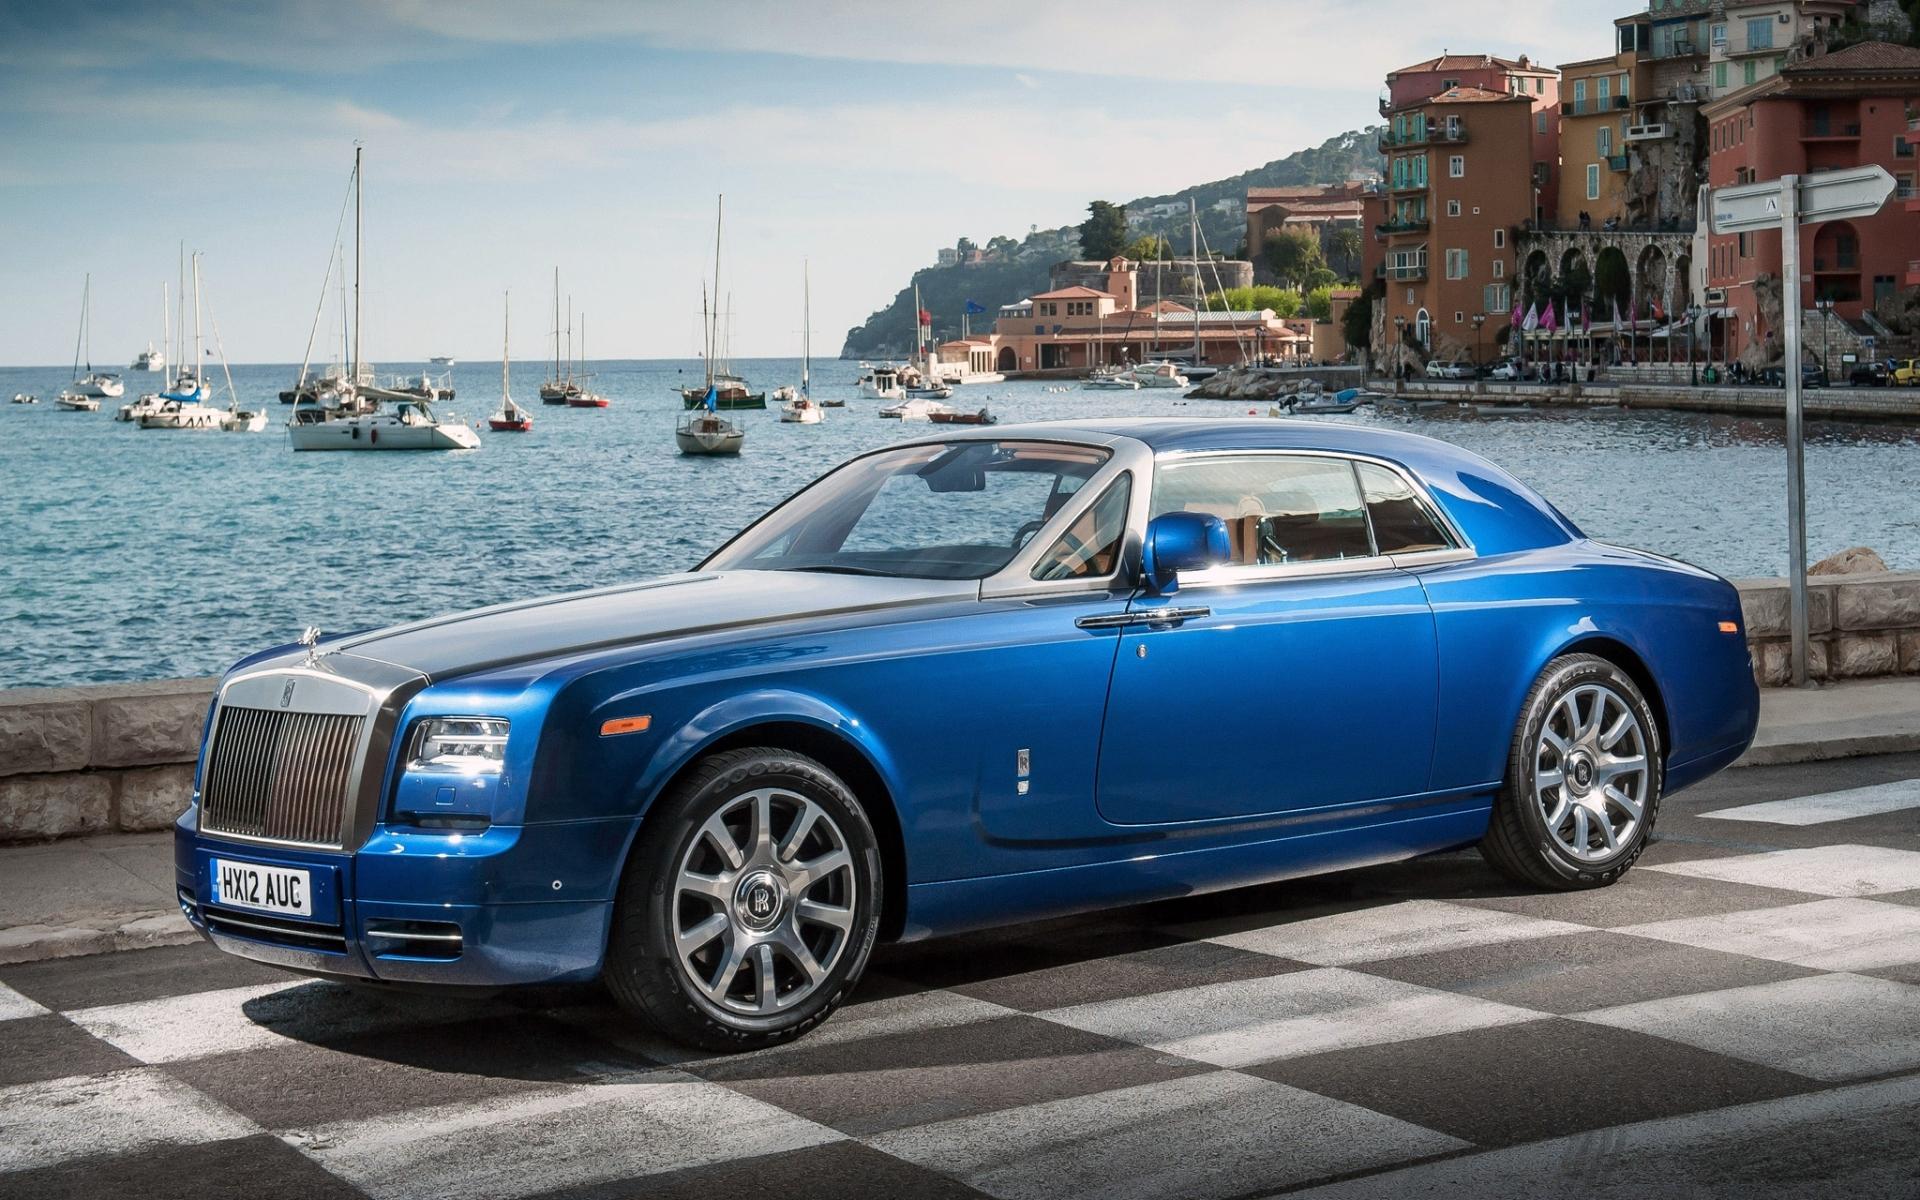 ما هو نوع السيارة المفضل لديك تبعاً لبرجك؟